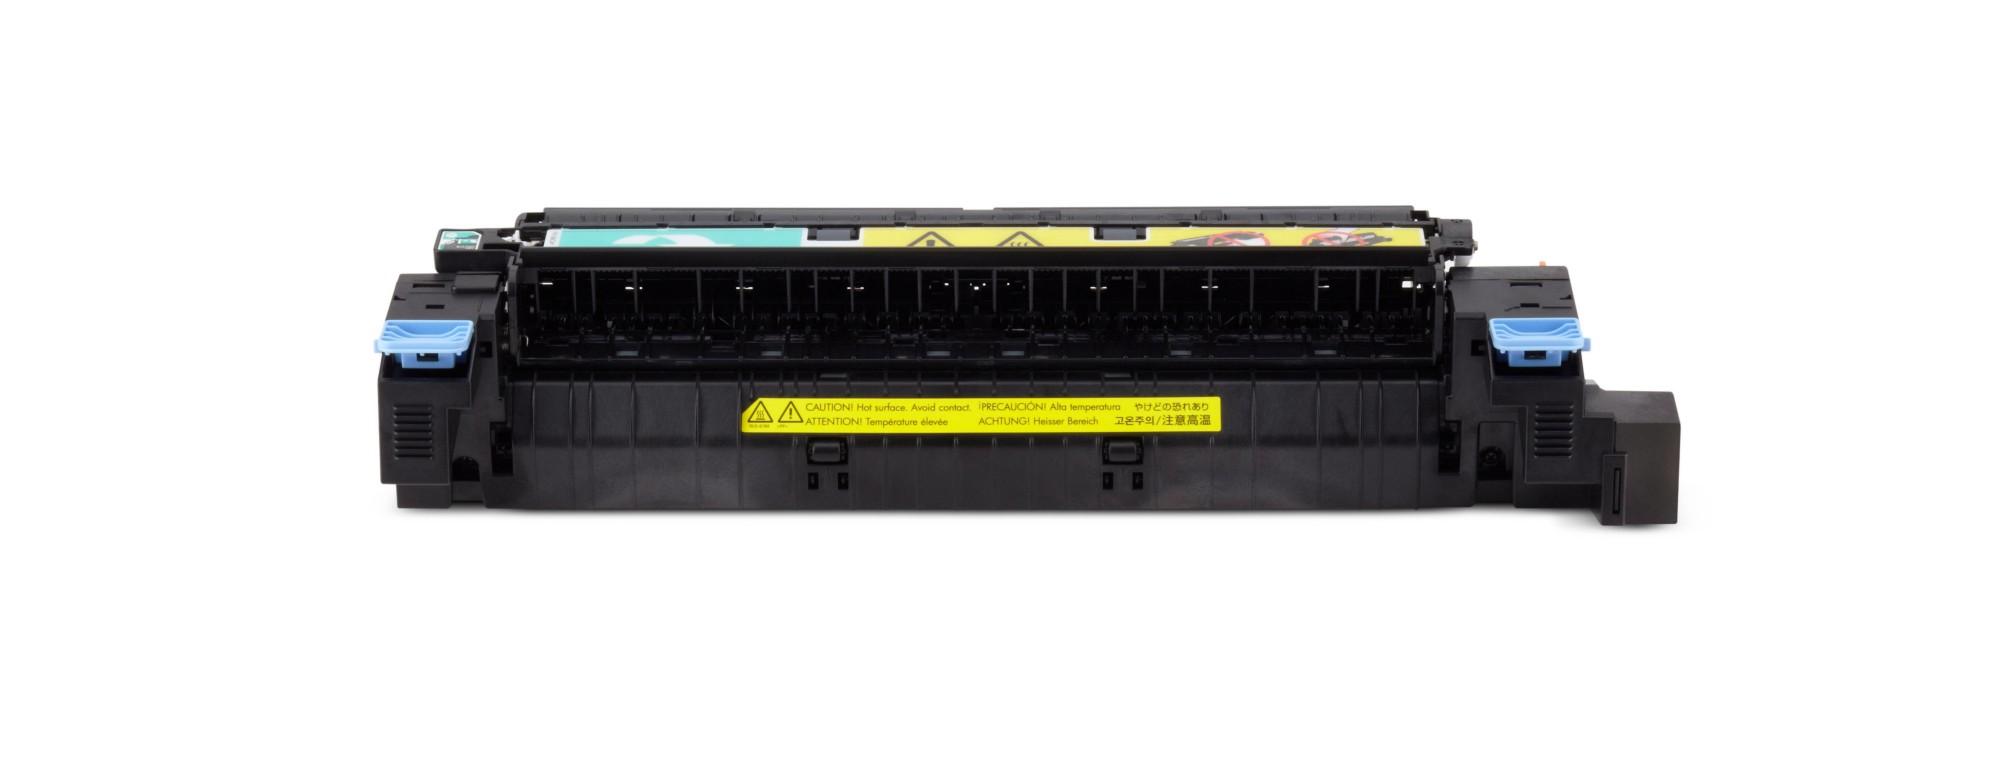 New Genuine HP LaserJet CE515A 220V Maintenance Kit